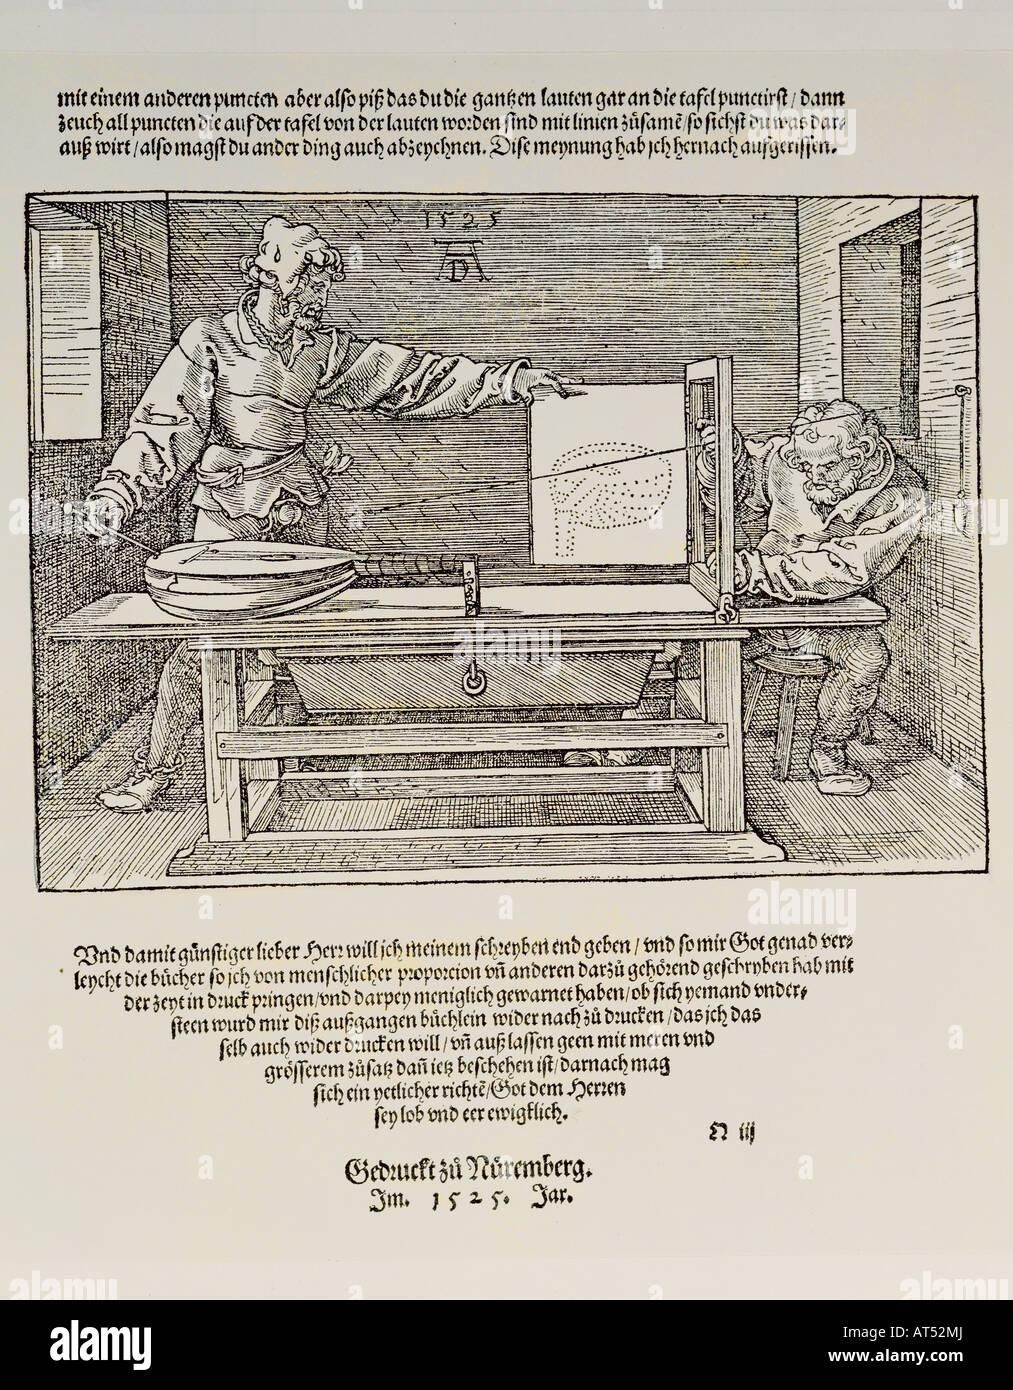 """""""Bildende Kunst, Dürer, Albrecht (1471-1528), Holzschnitt,""""Der Zeichner der Laute""""(Zeichnung Stockbild"""